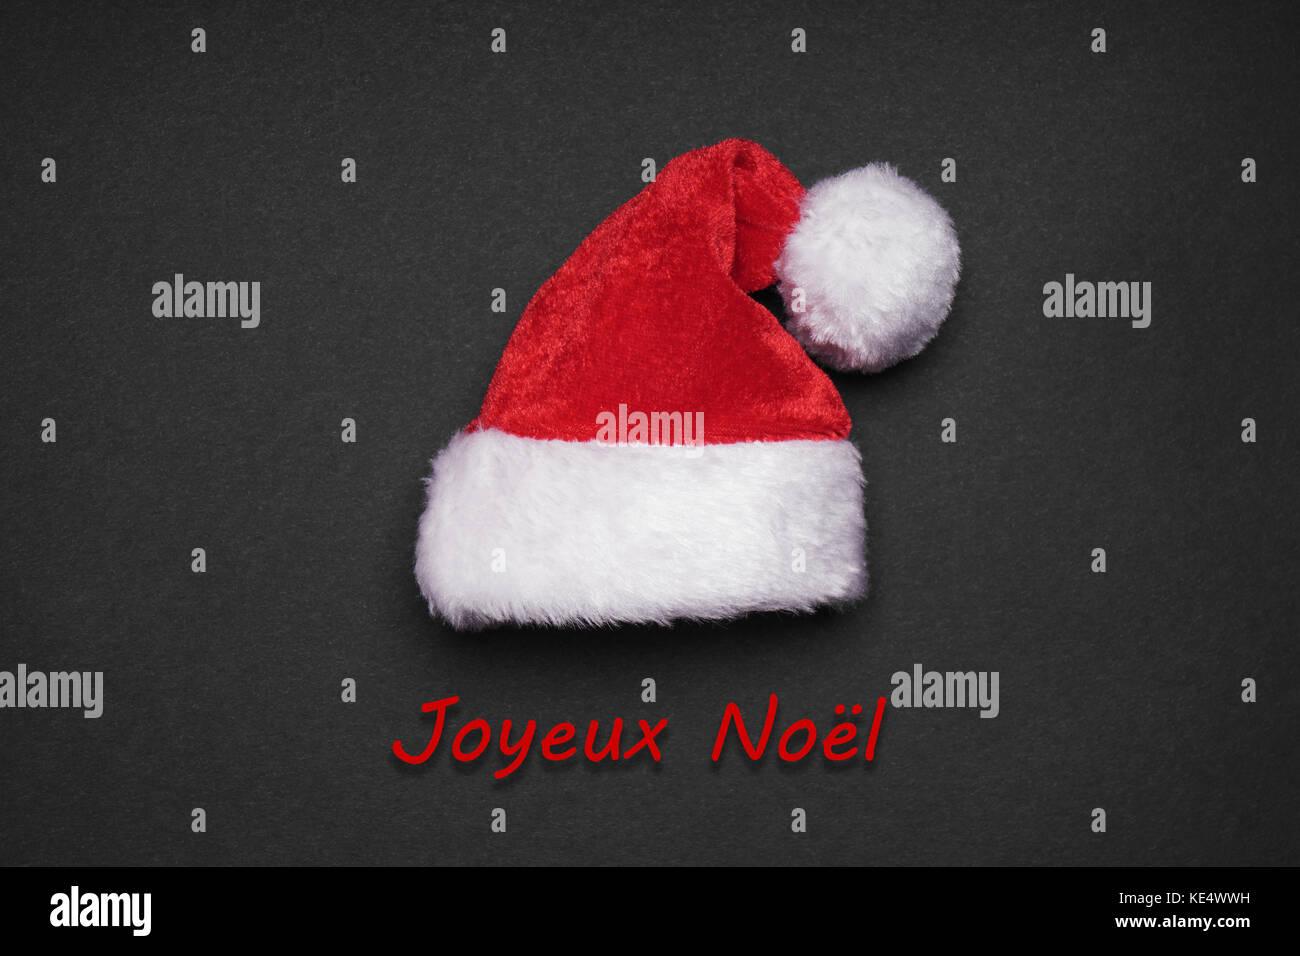 Joyeux Noel french christmas greeting card - Stock Image